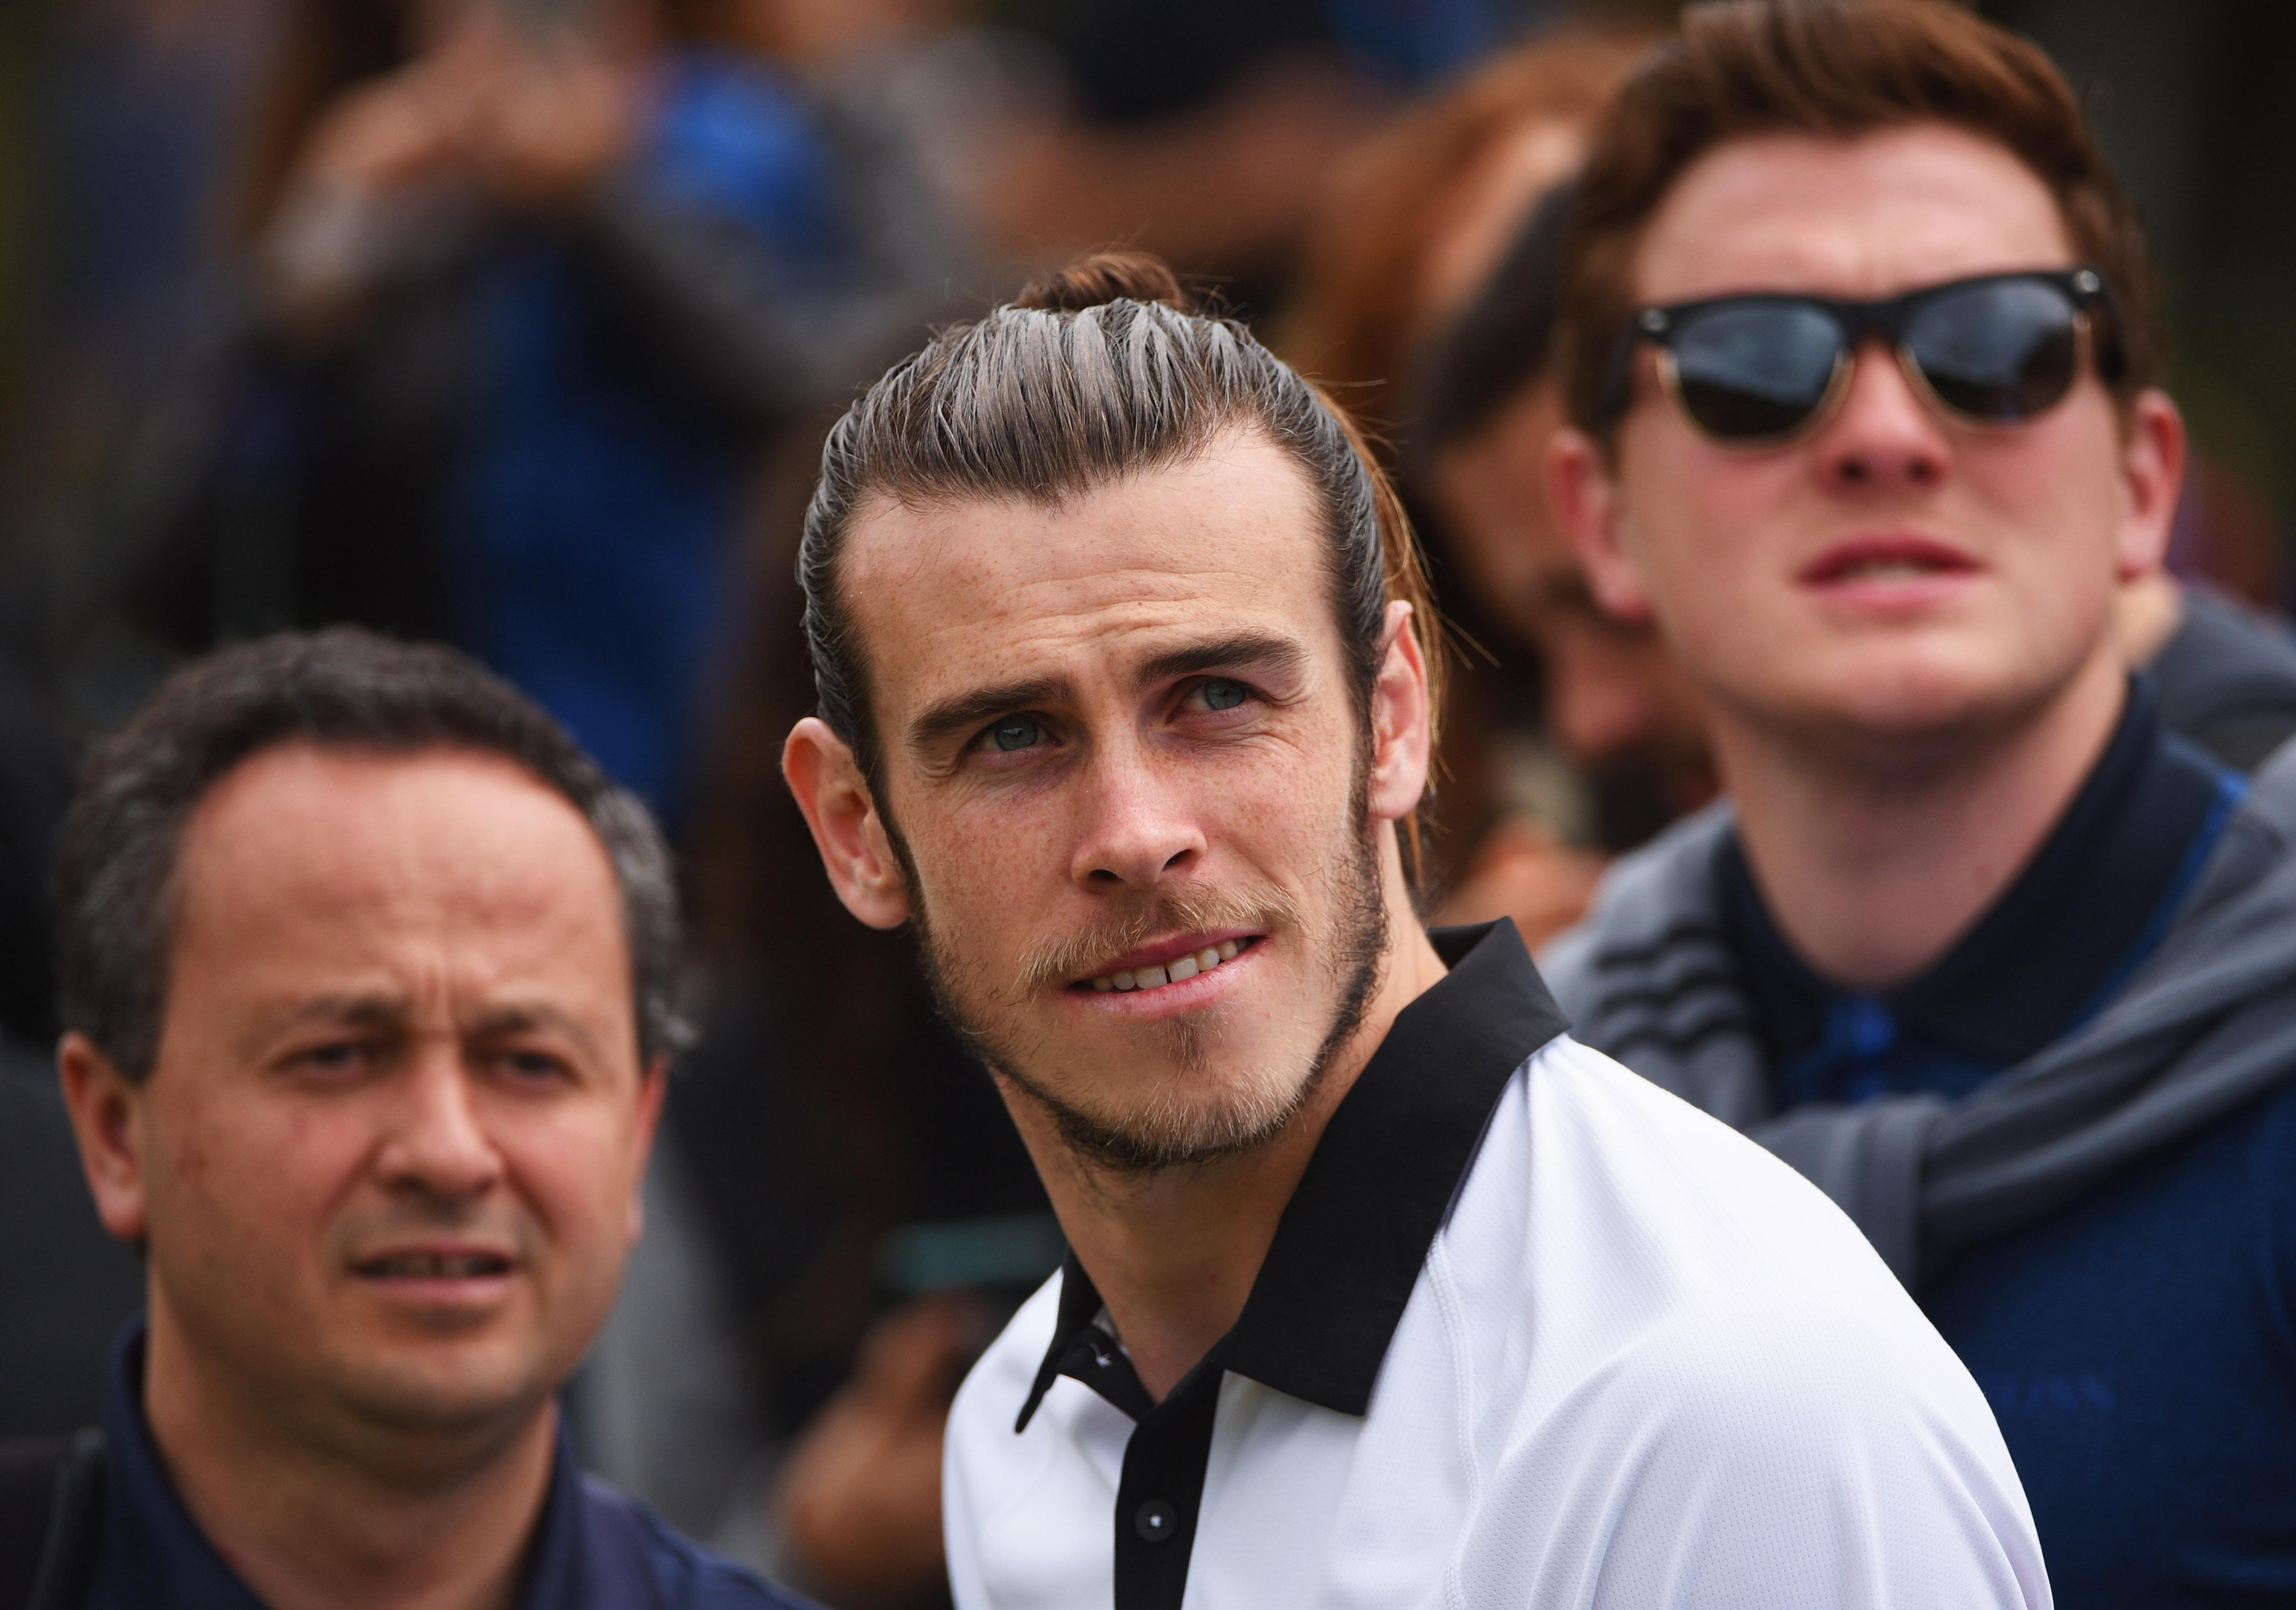 Ce s-a întâmplat la sosirea lui Gareth Bale la antrenamentul lui Tottenham. Reacția memorabilă a comentatorului BBC